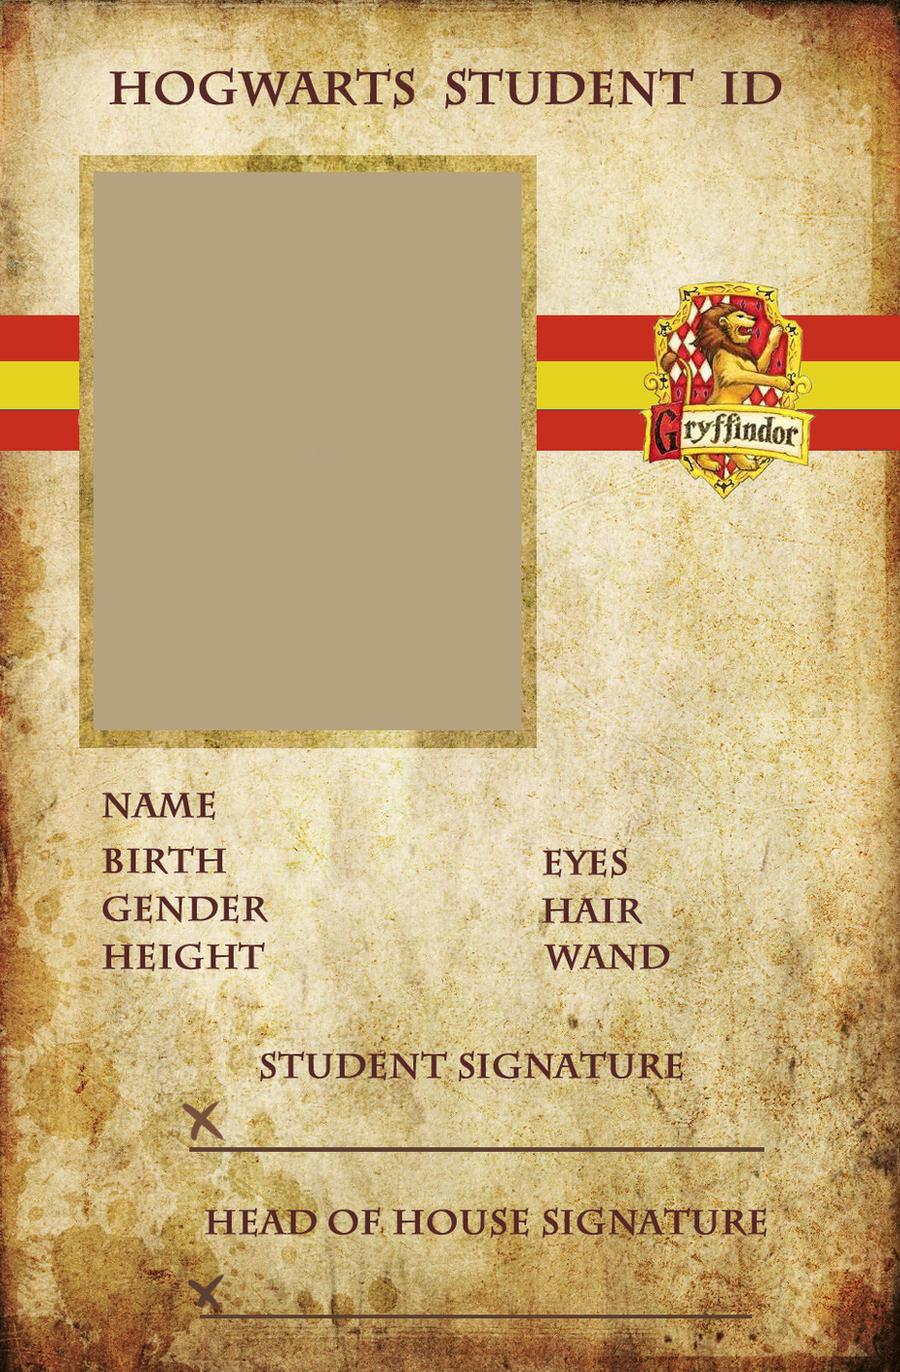 Gryffindor ID